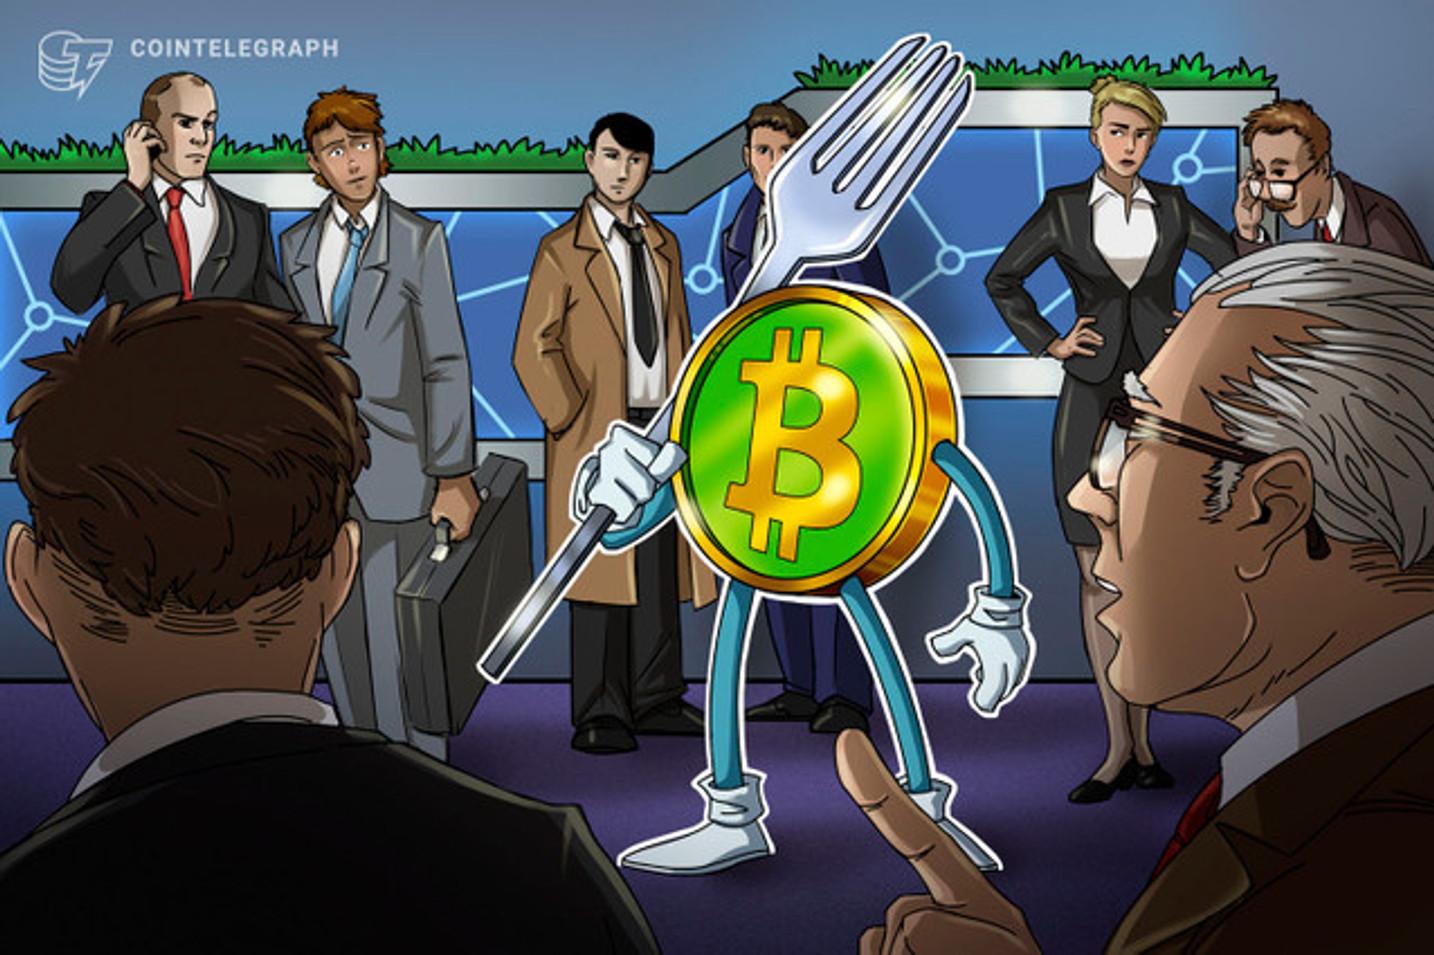 ビットコインキャッシュの分裂騒動、仮想通貨相場への影響は?